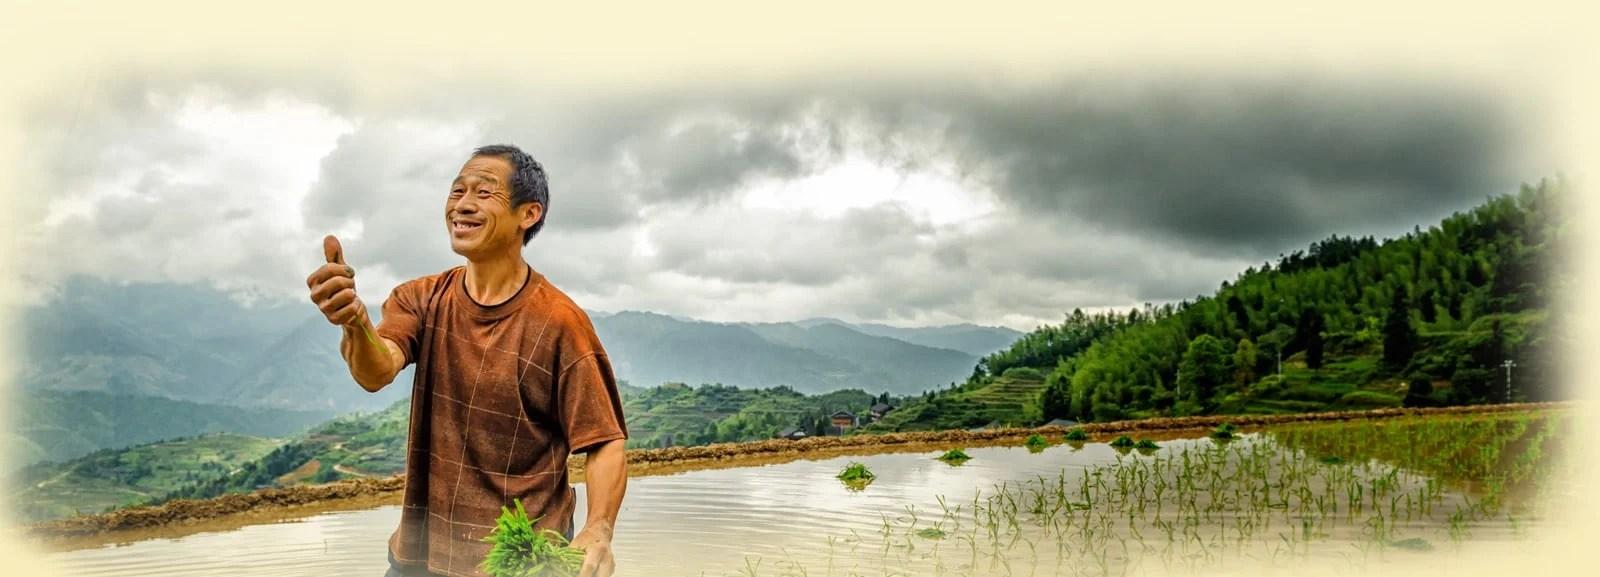 Tiantouzhai, Chine - Les Routes du Monde - Voyages en petits groupes et sur mesure